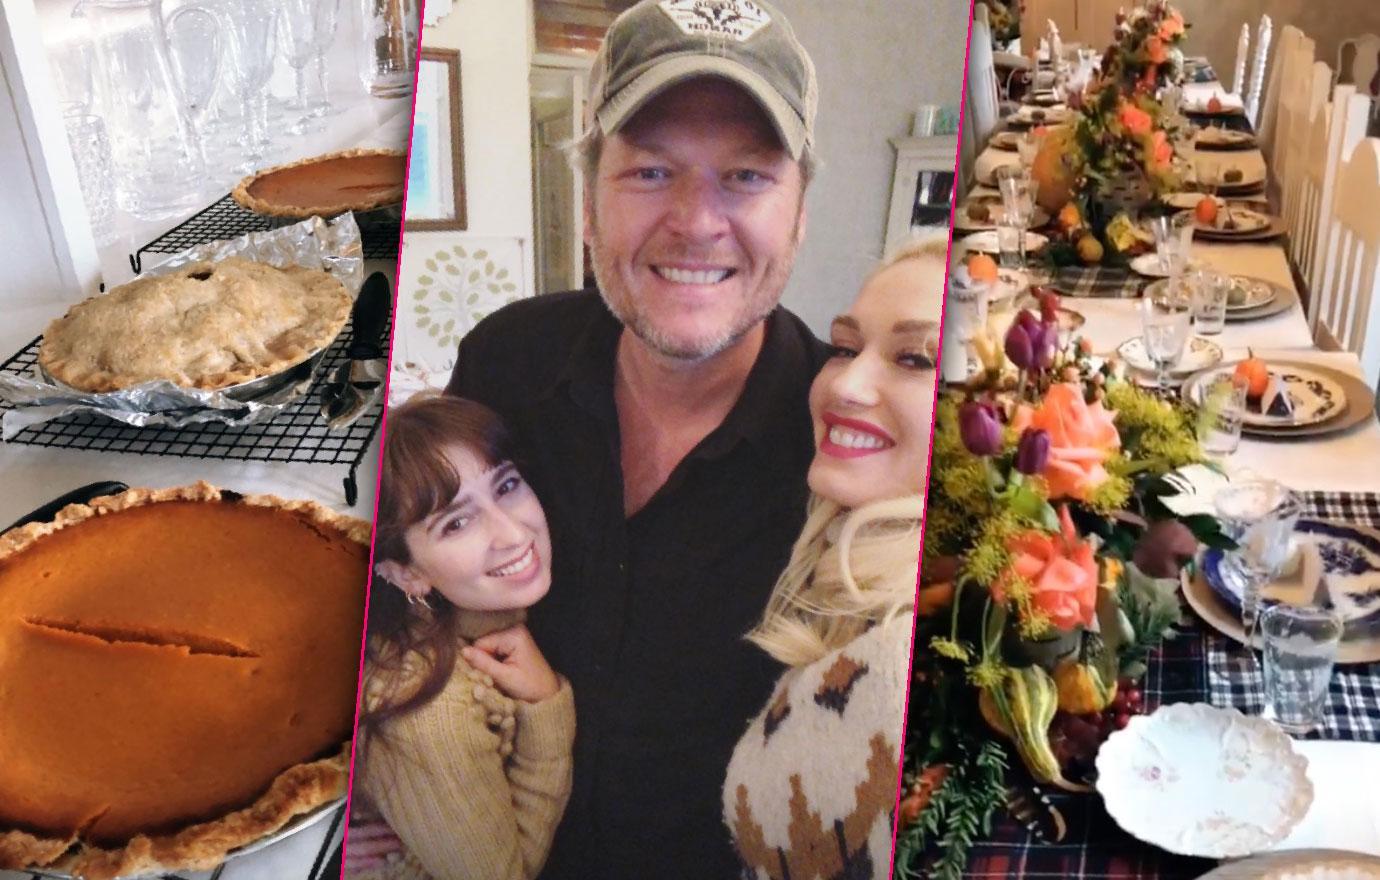 Blake Shelton And Gwen Stefani Celebrate Thanksgiving In Oklahoma